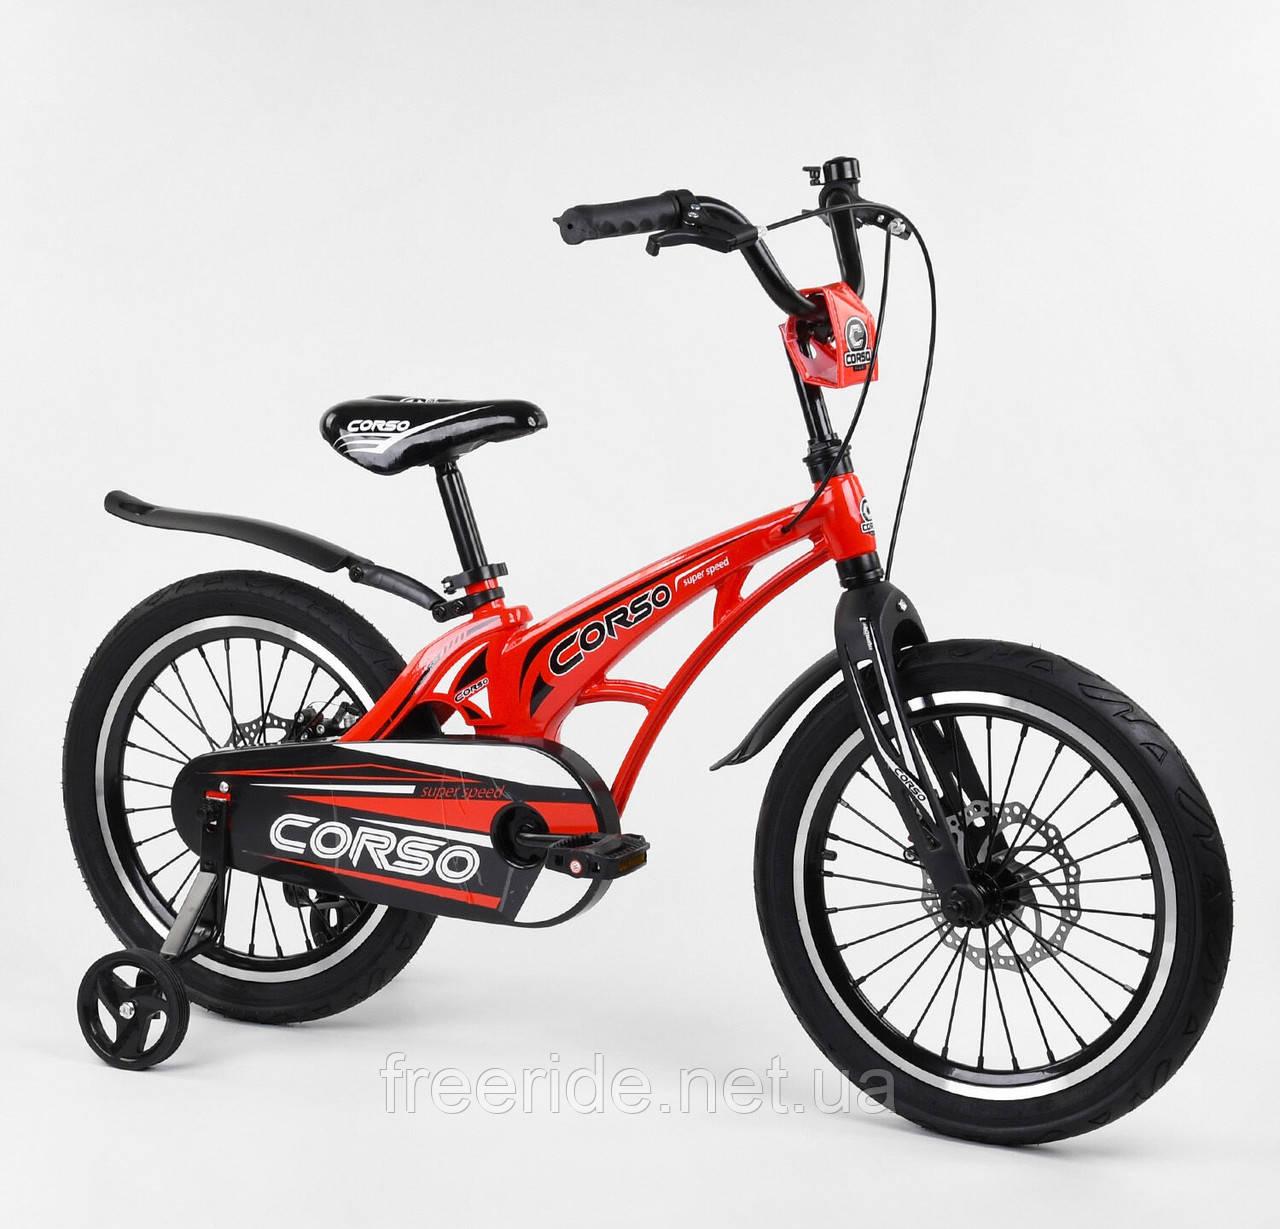 Детский Велосипед CORSO MG-18 (с усиленными спицами), магниевая рама, диск тормоза